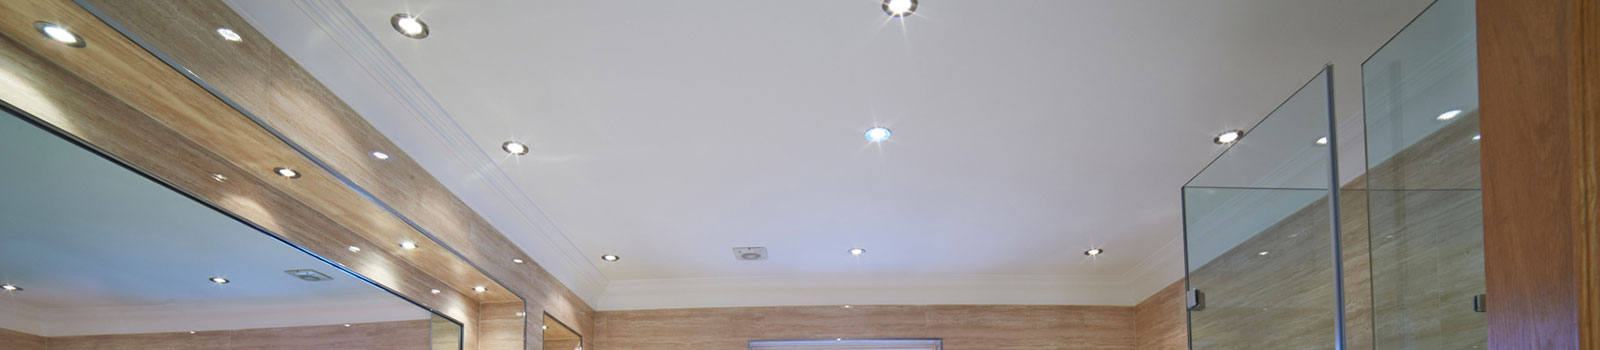 MK-Elektrotechnik - Beleuchtungsanlagen